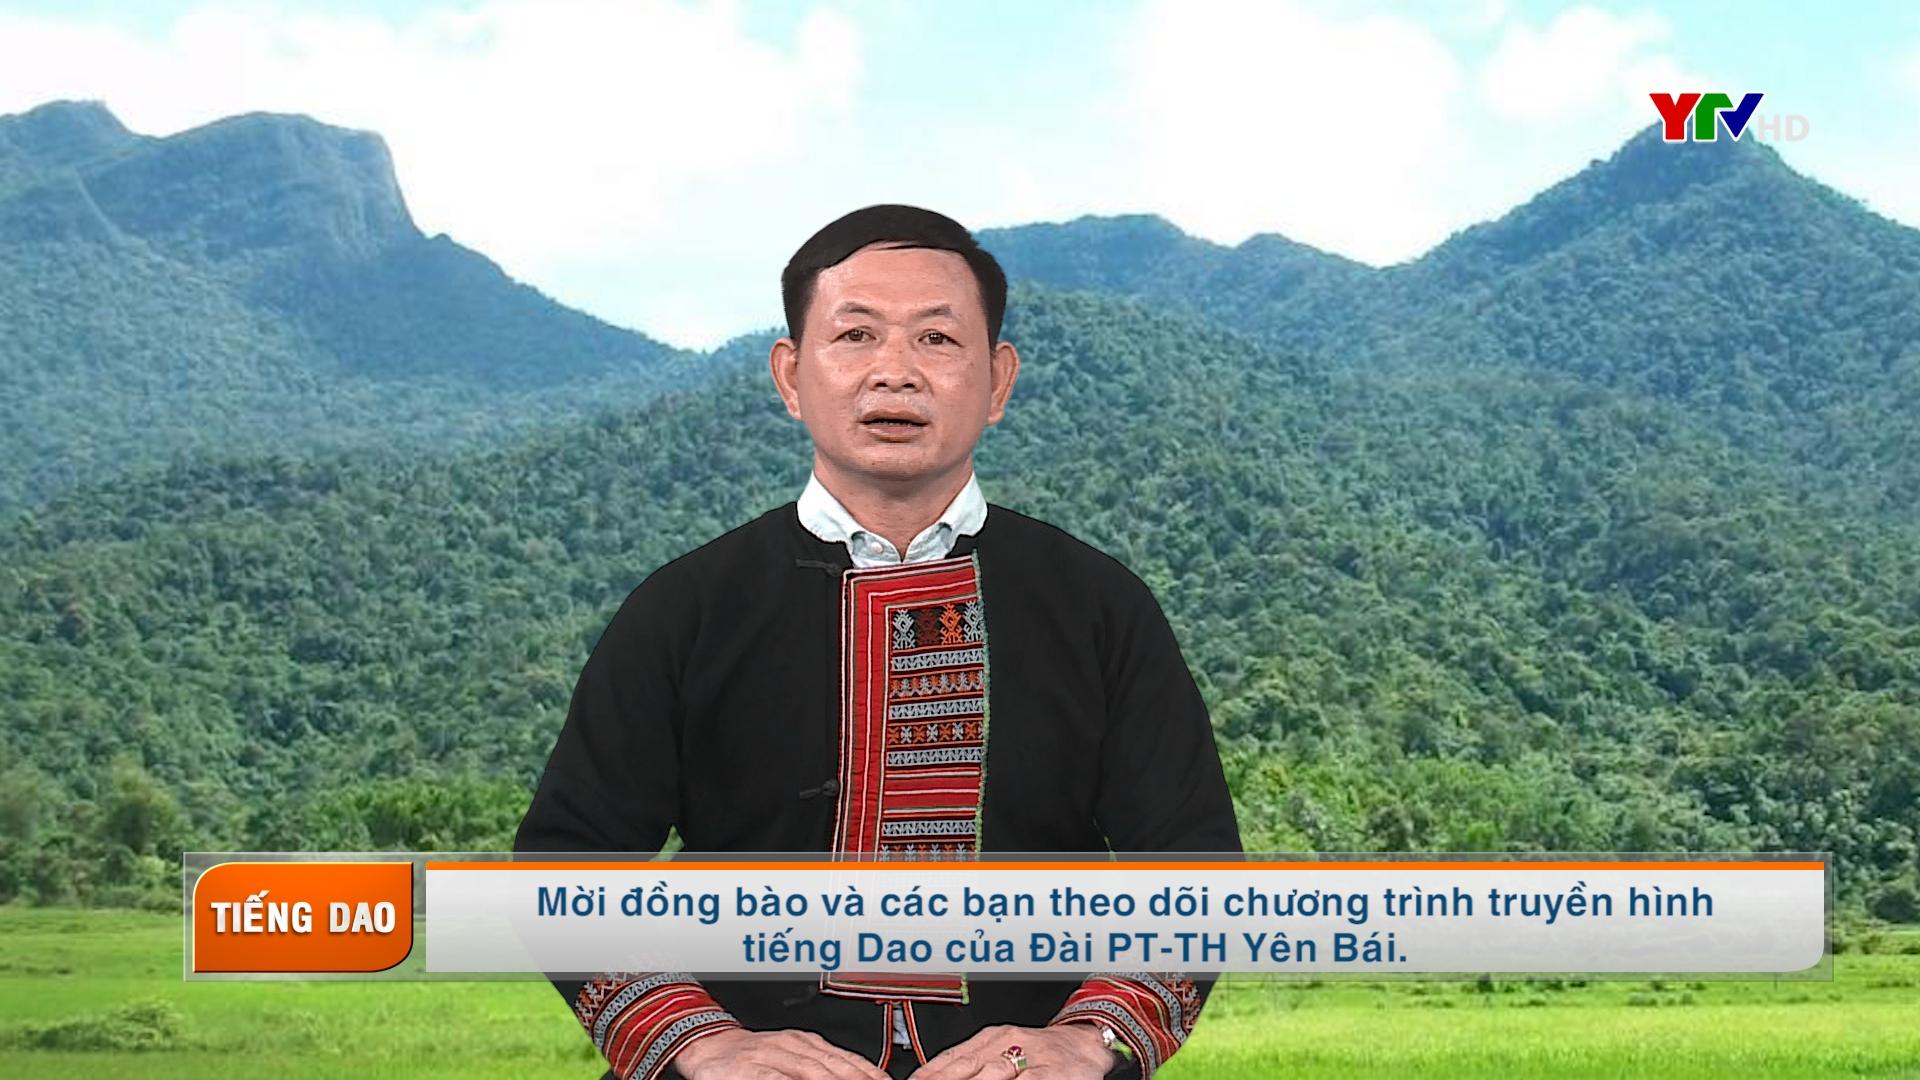 Tạp chí truyền hình tiếng Dao số 2 tháng 7 năm 2021